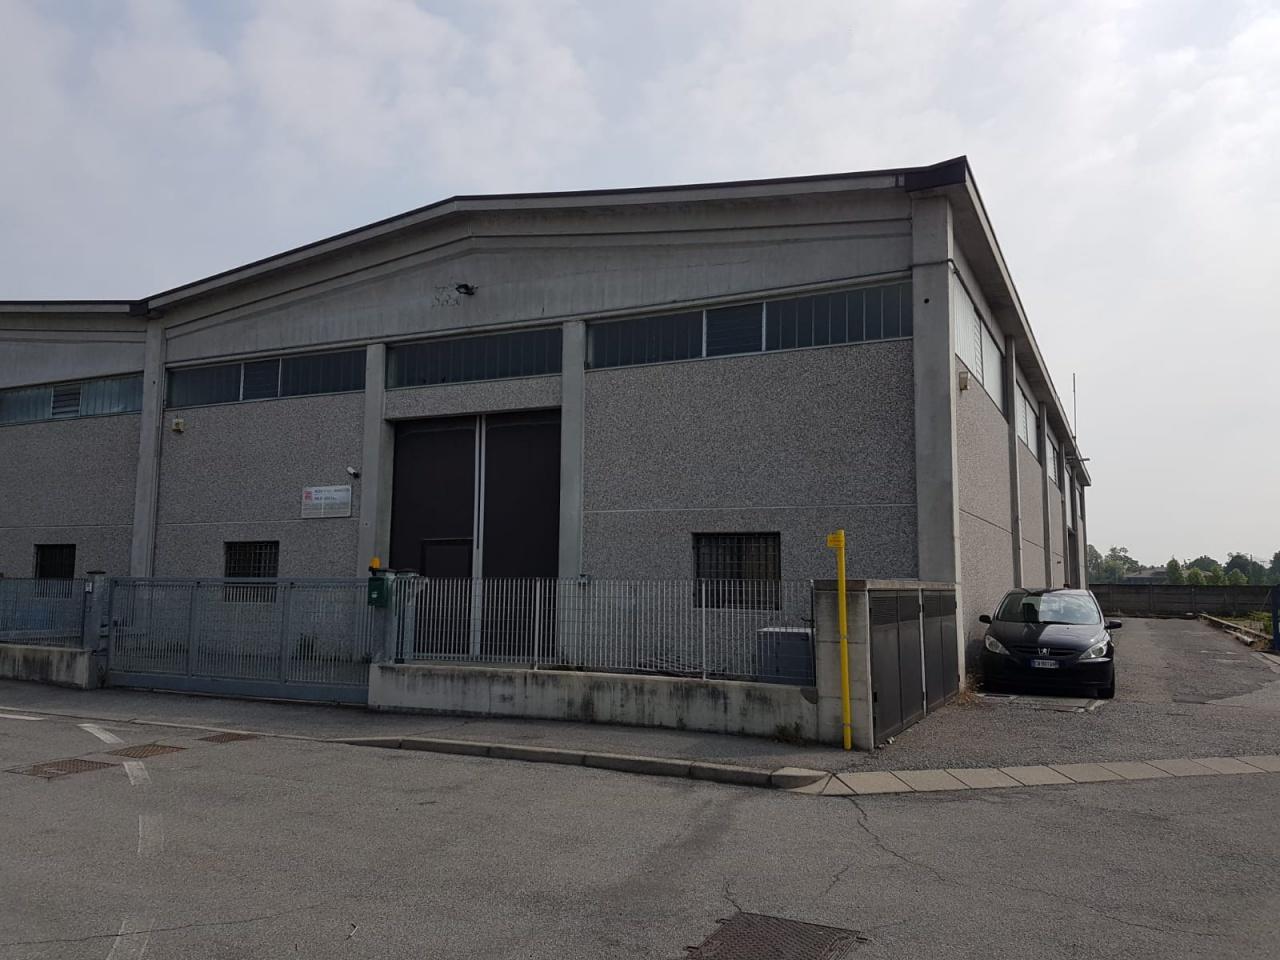 Capannone in vendita a Isso, 2 locali, prezzo € 235.000 | CambioCasa.it